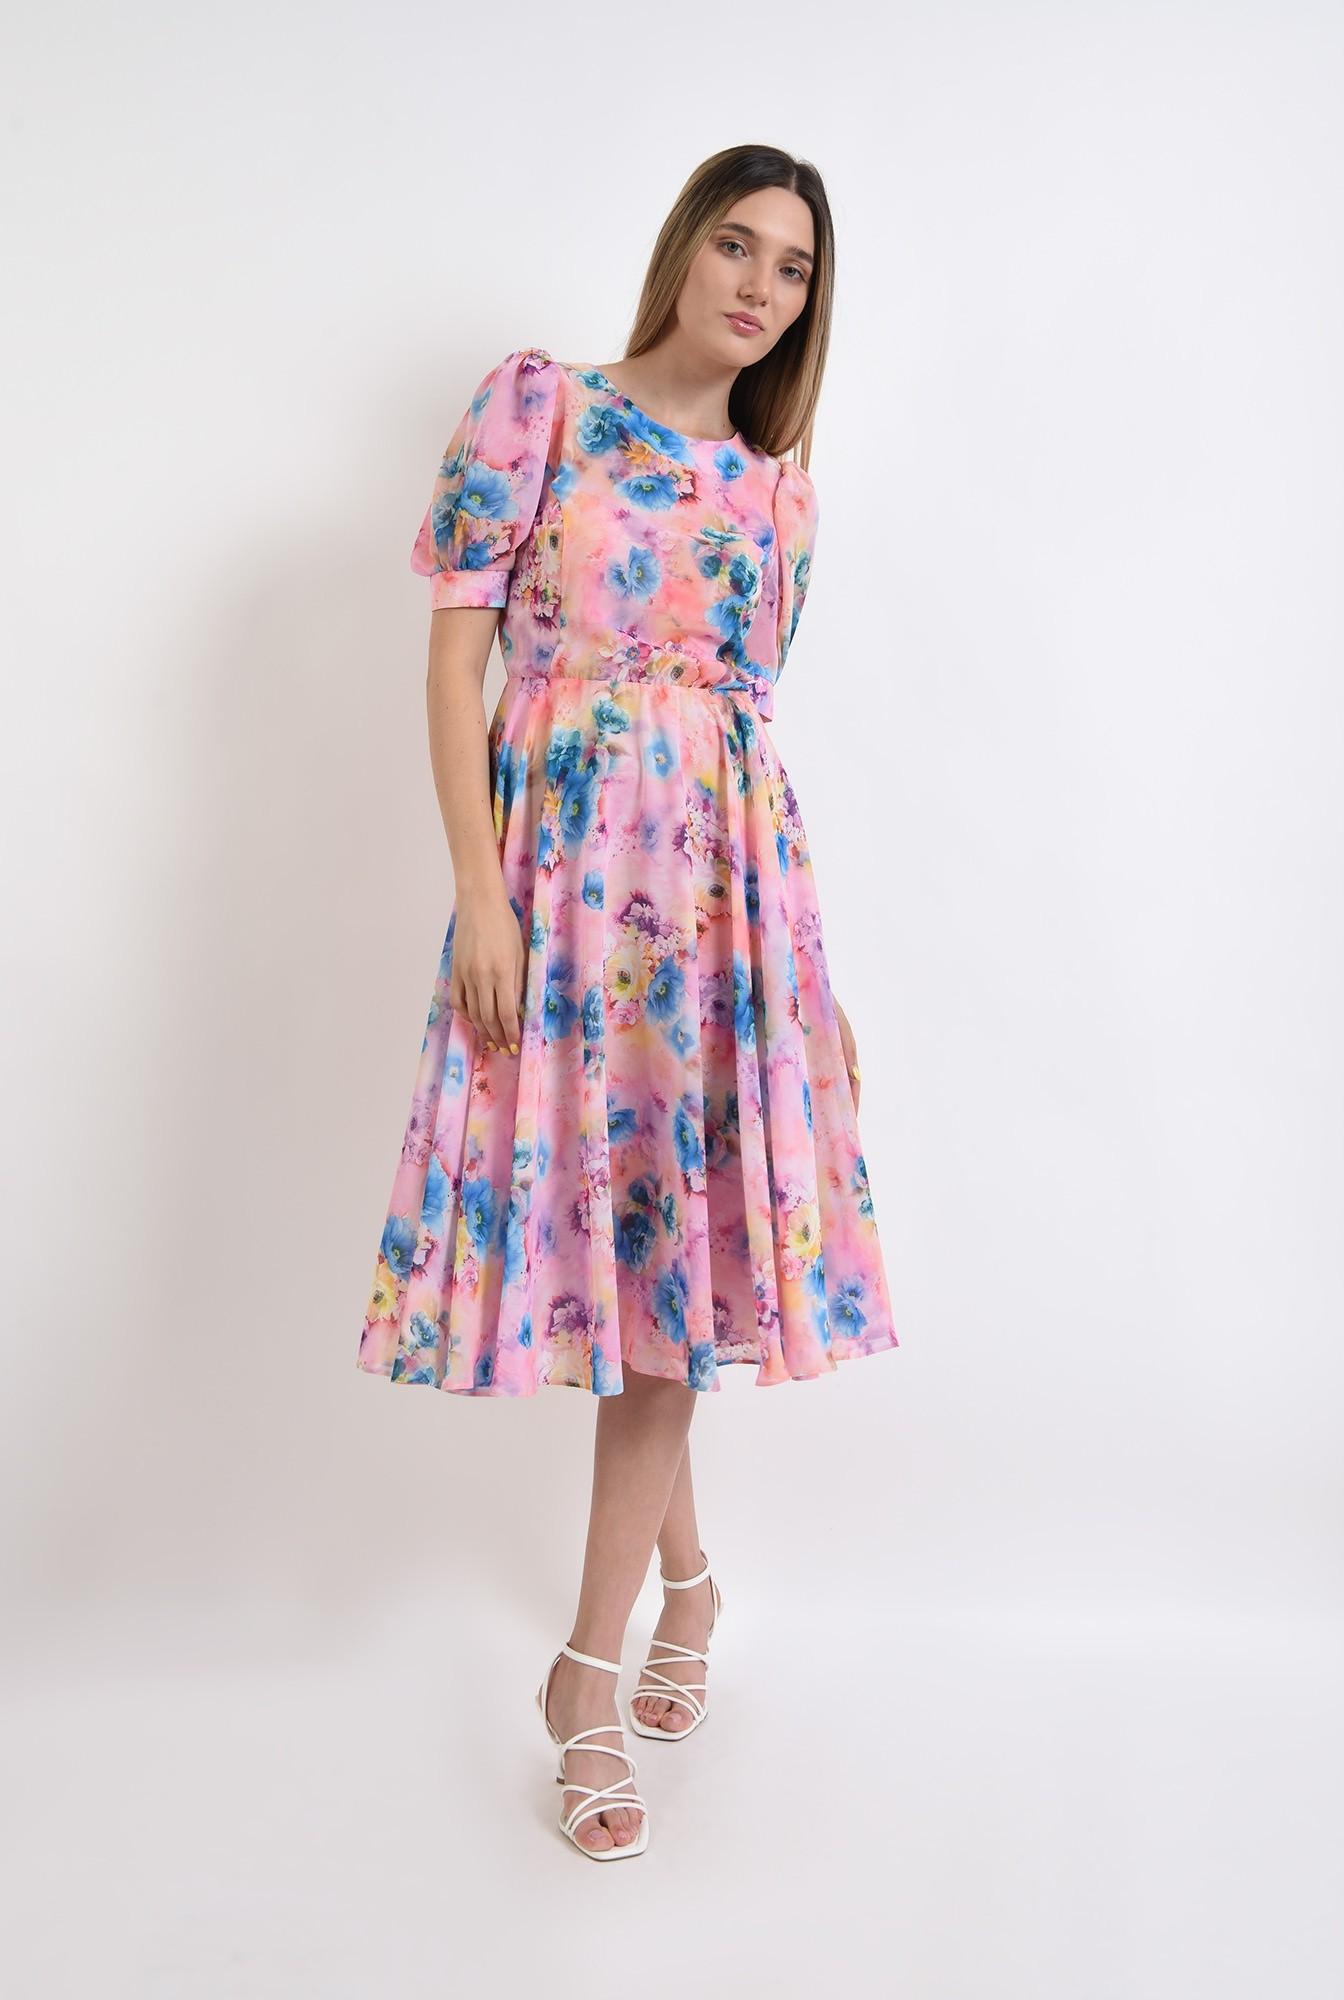 0 - rochie cu motive florale, midi, cu decolteu rotund